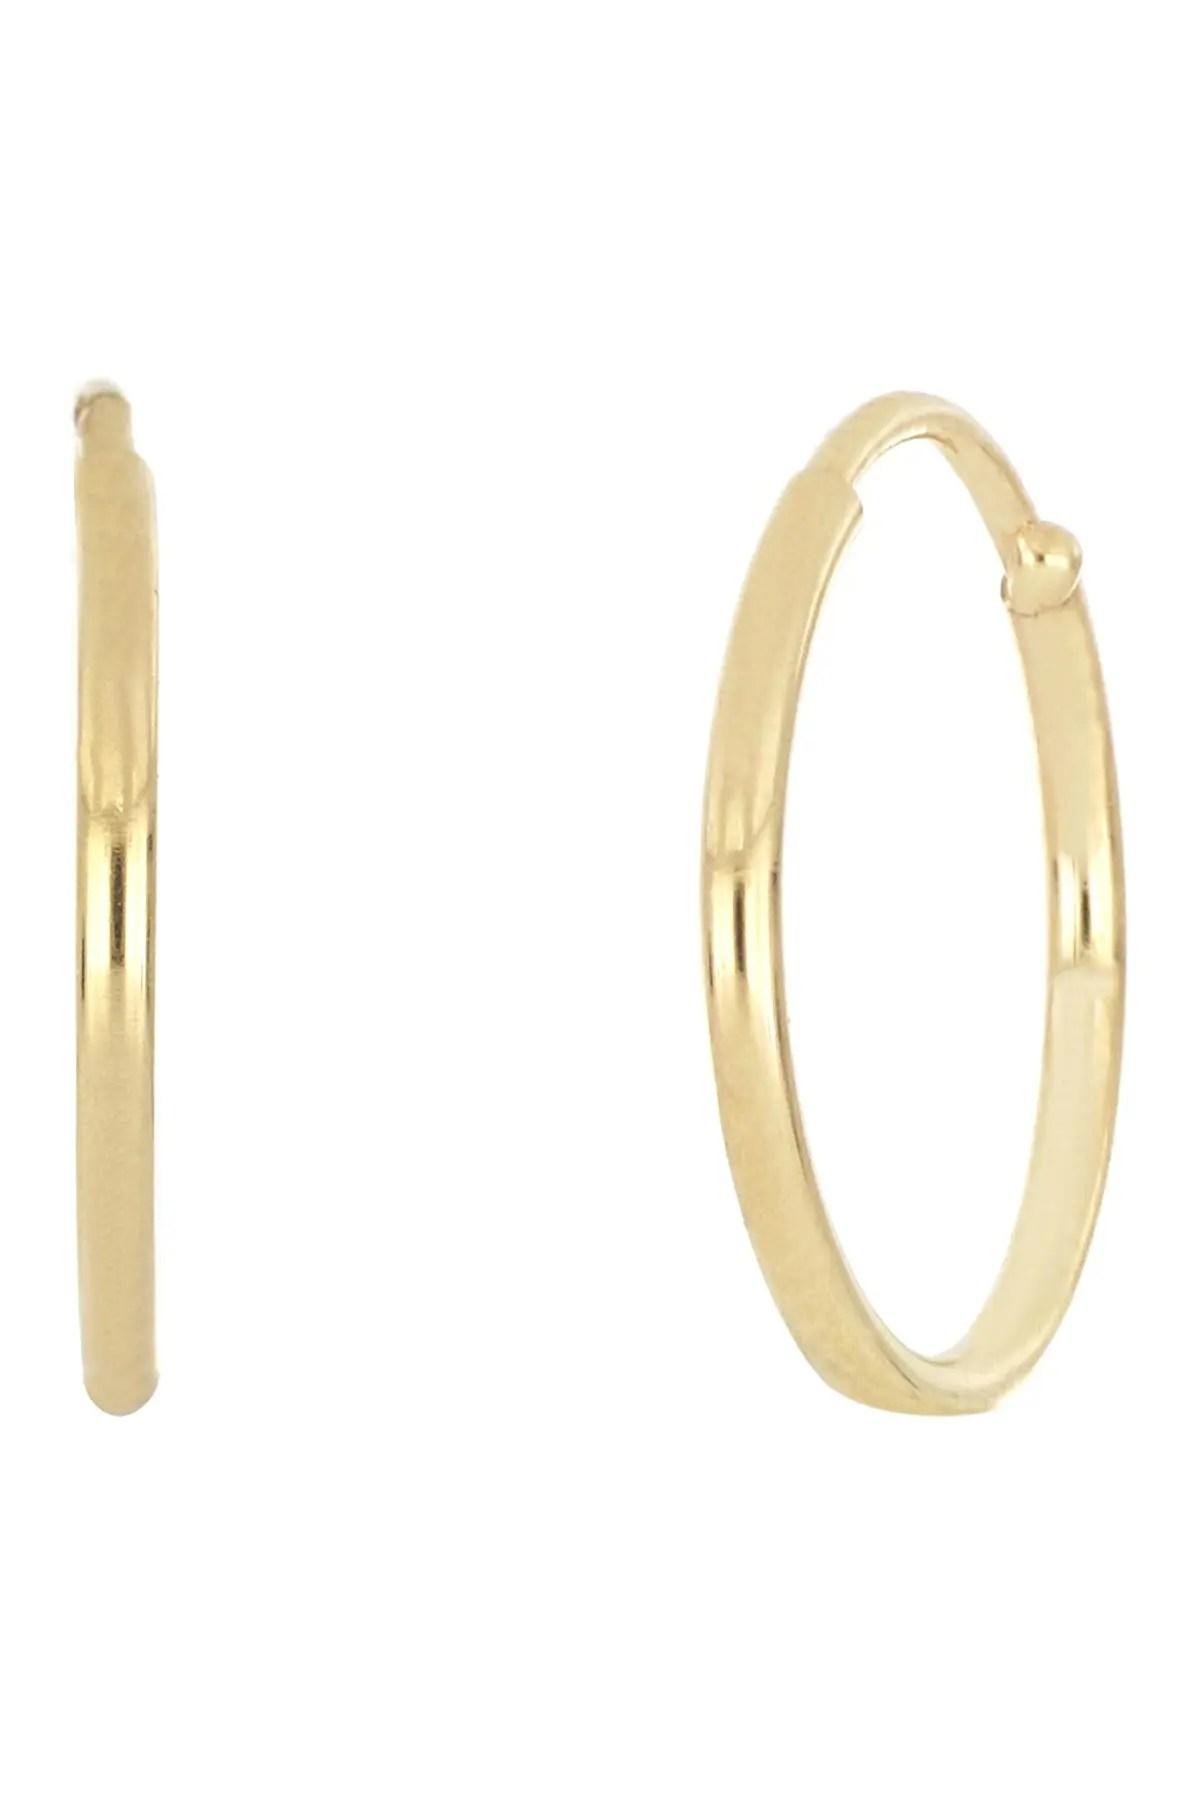 bony levy 14k yellow gold 12mm huggie hoop earrings nordstrom rack